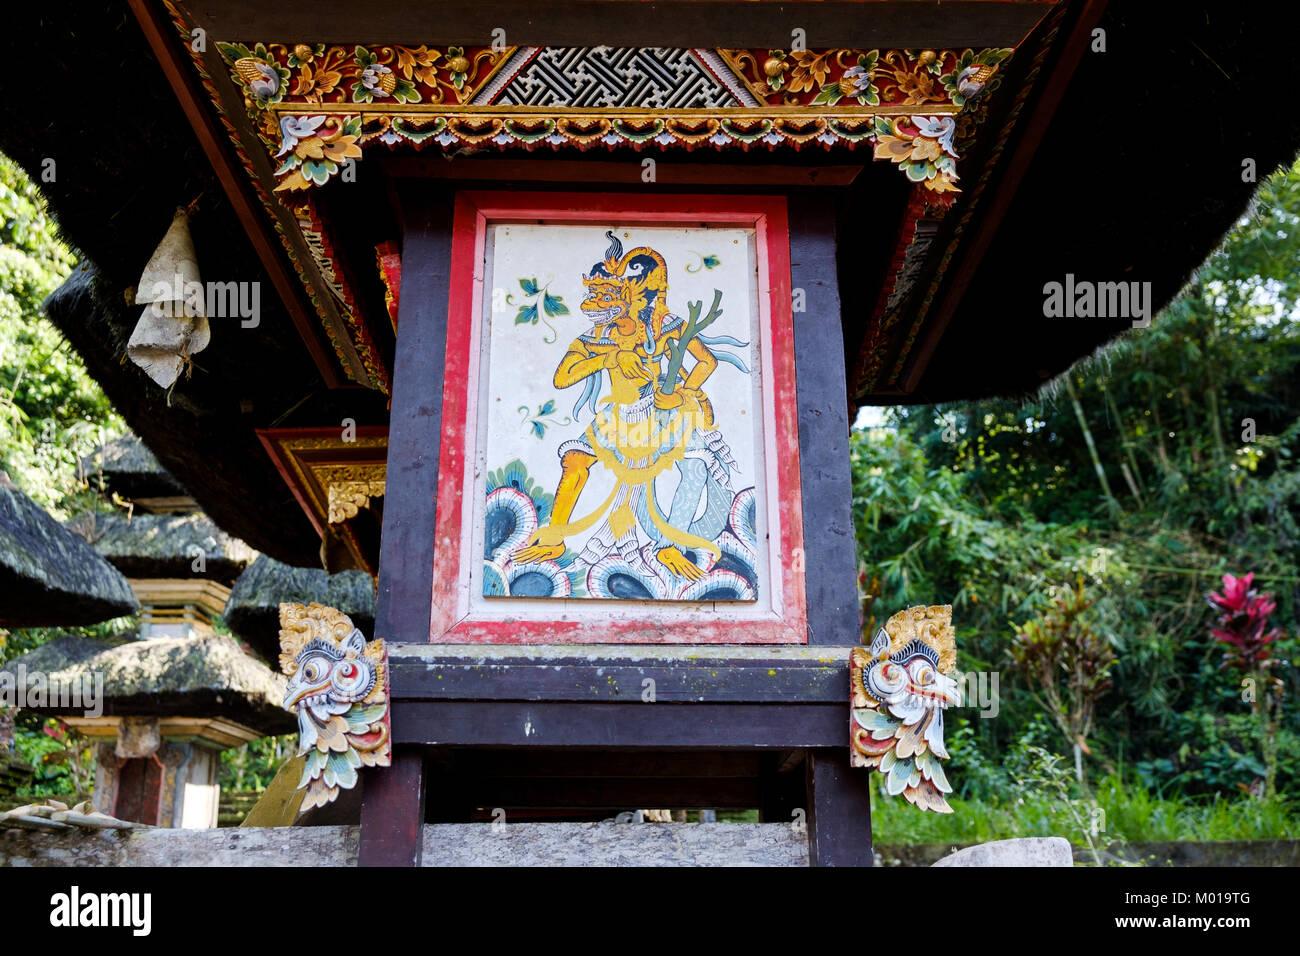 Carved and painted wood artwork at Gunung Kawi Sebatu Temple ('pura'), Bali, Indonesia. - Stock Image